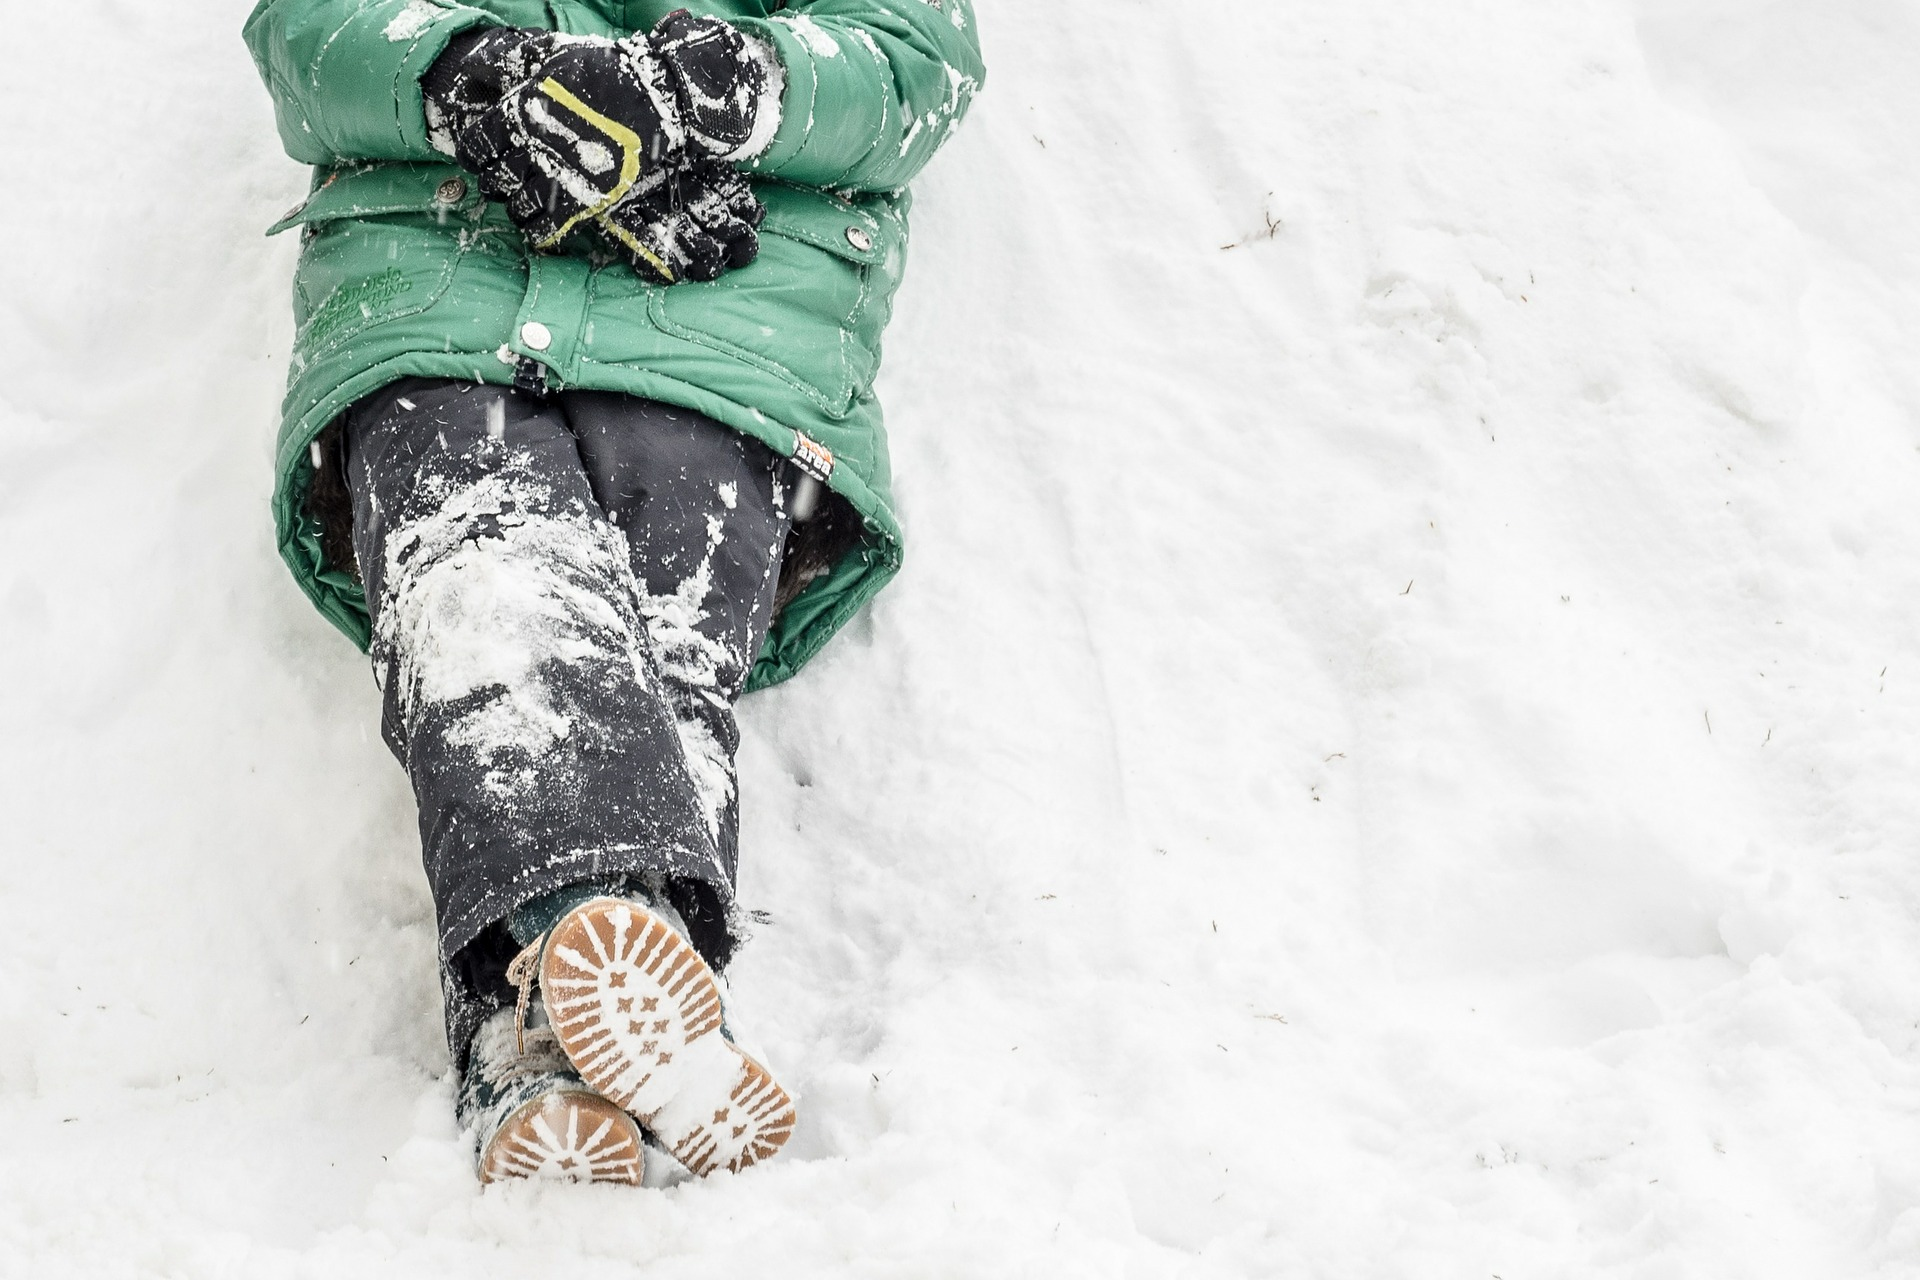 Jak dbać o ubrania zimowe i czy można je oddać do pralni?